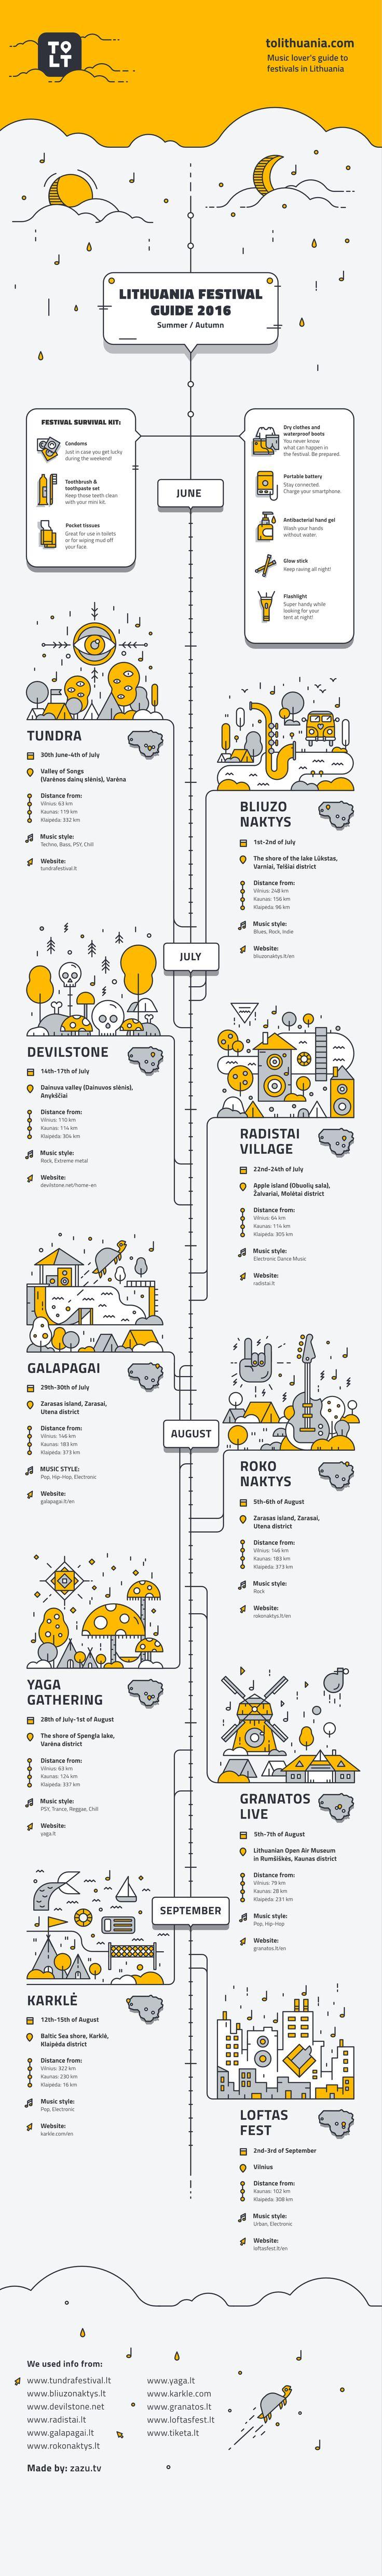 Lithuania Festival Guide on Behance